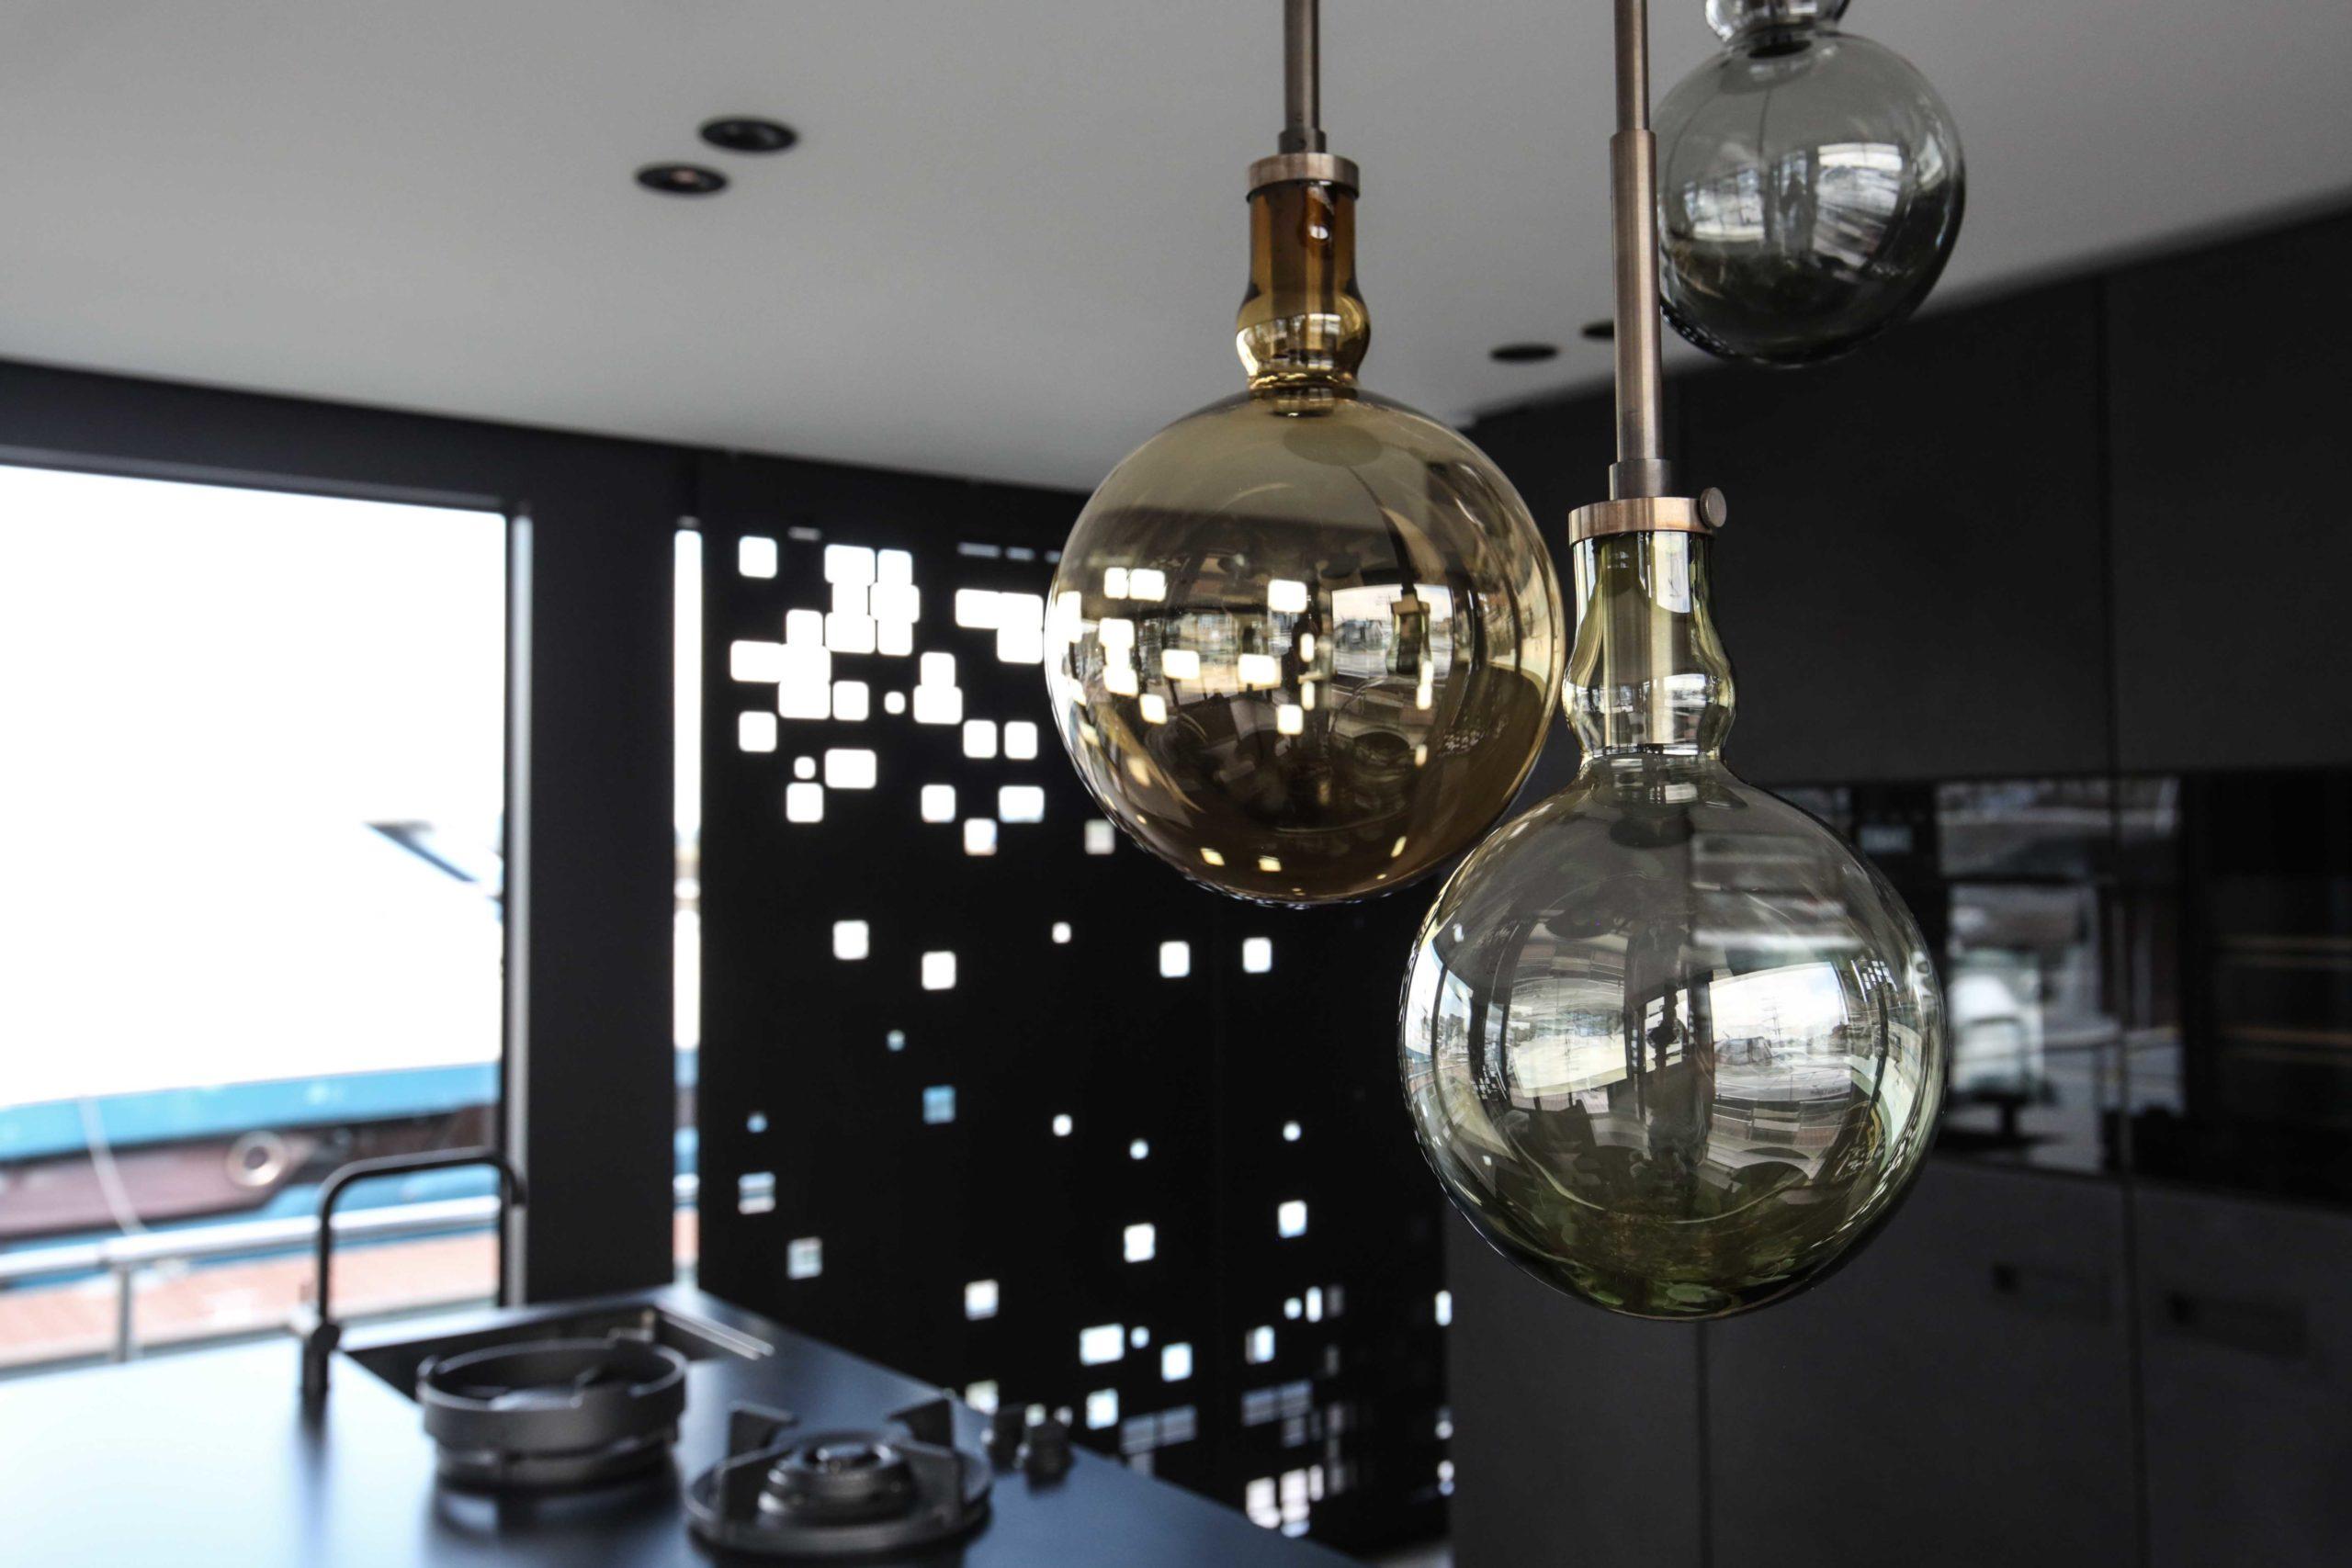 Wohnen Hängeleuchten Onyx Penthouse NoBLå – Innenarchitektur + Raumdesign für & aus Karlsruhe